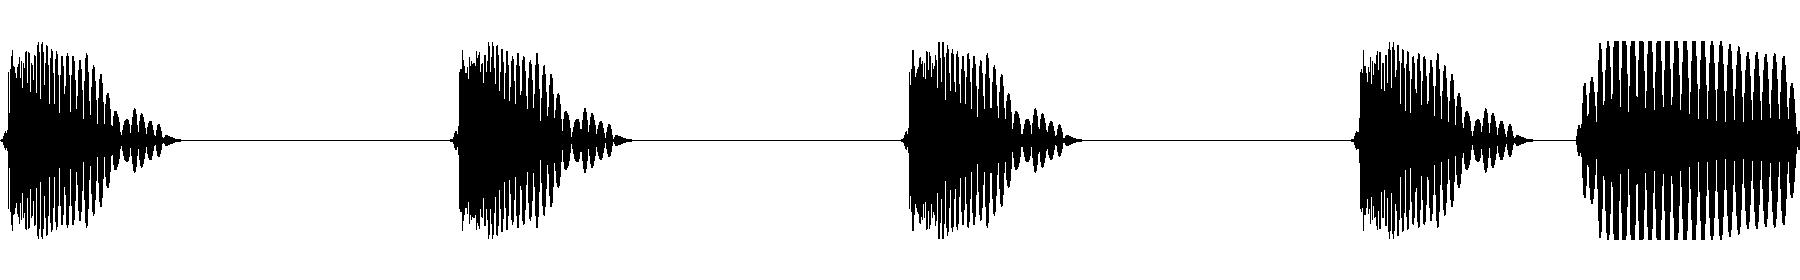 drumloop001 deep 125 x sc3